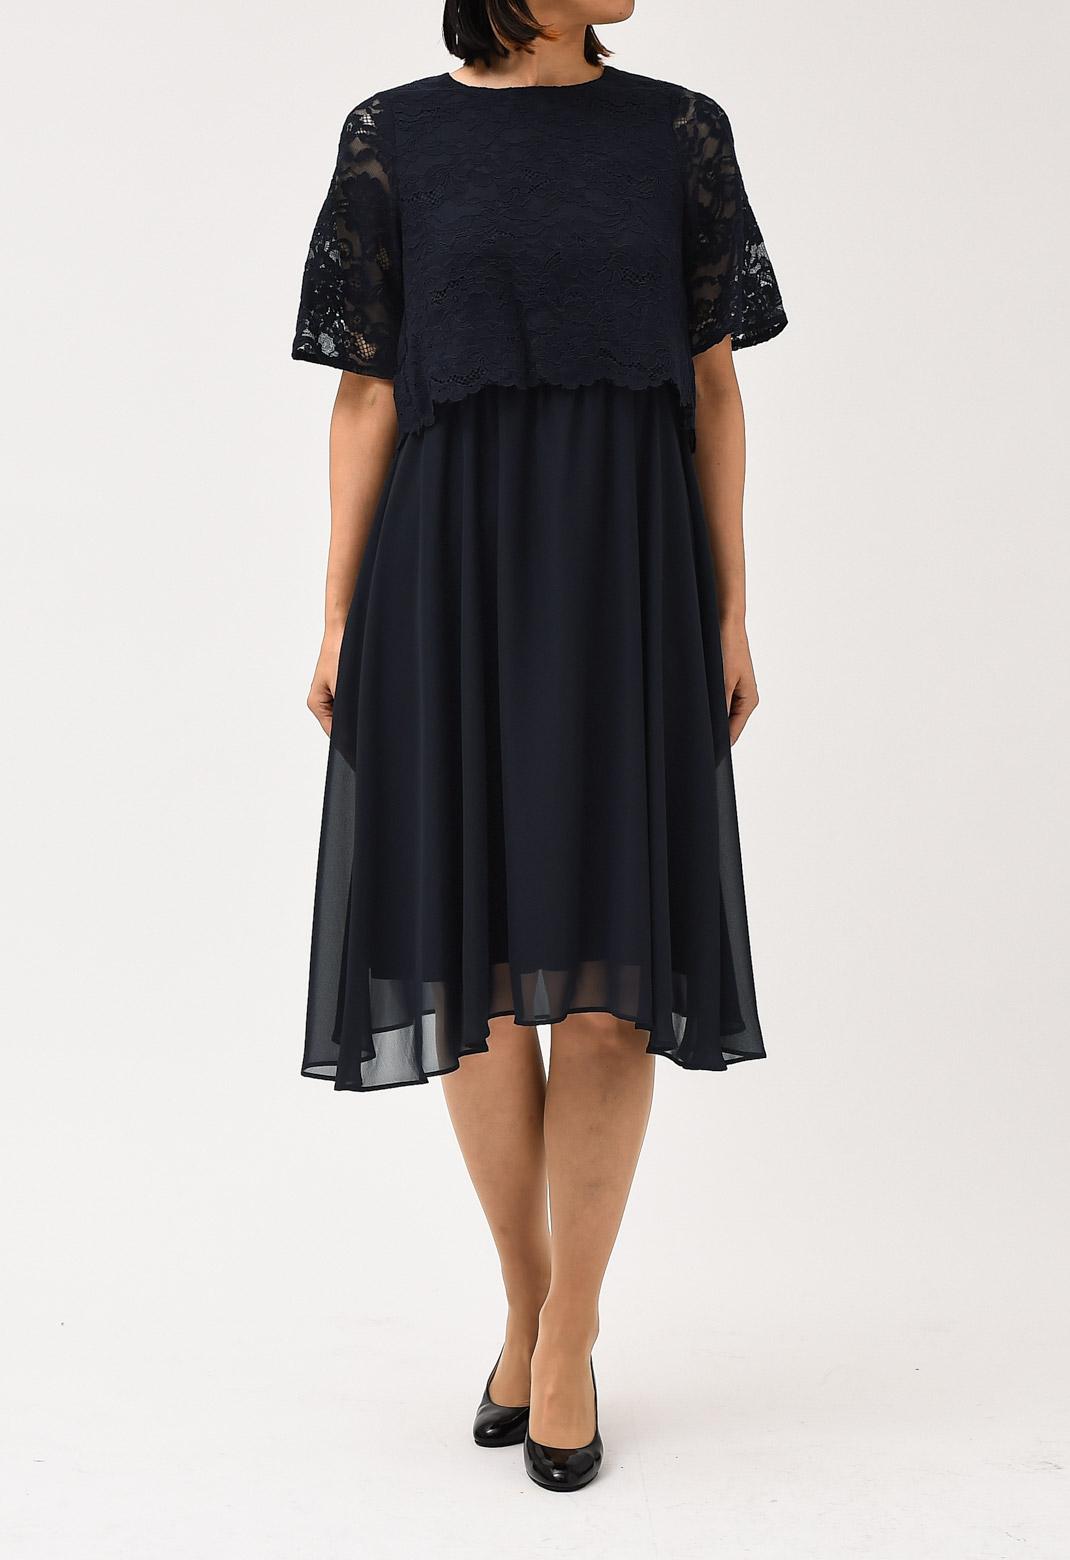 シフォン×レース ウエストゴム 半袖 ドレス